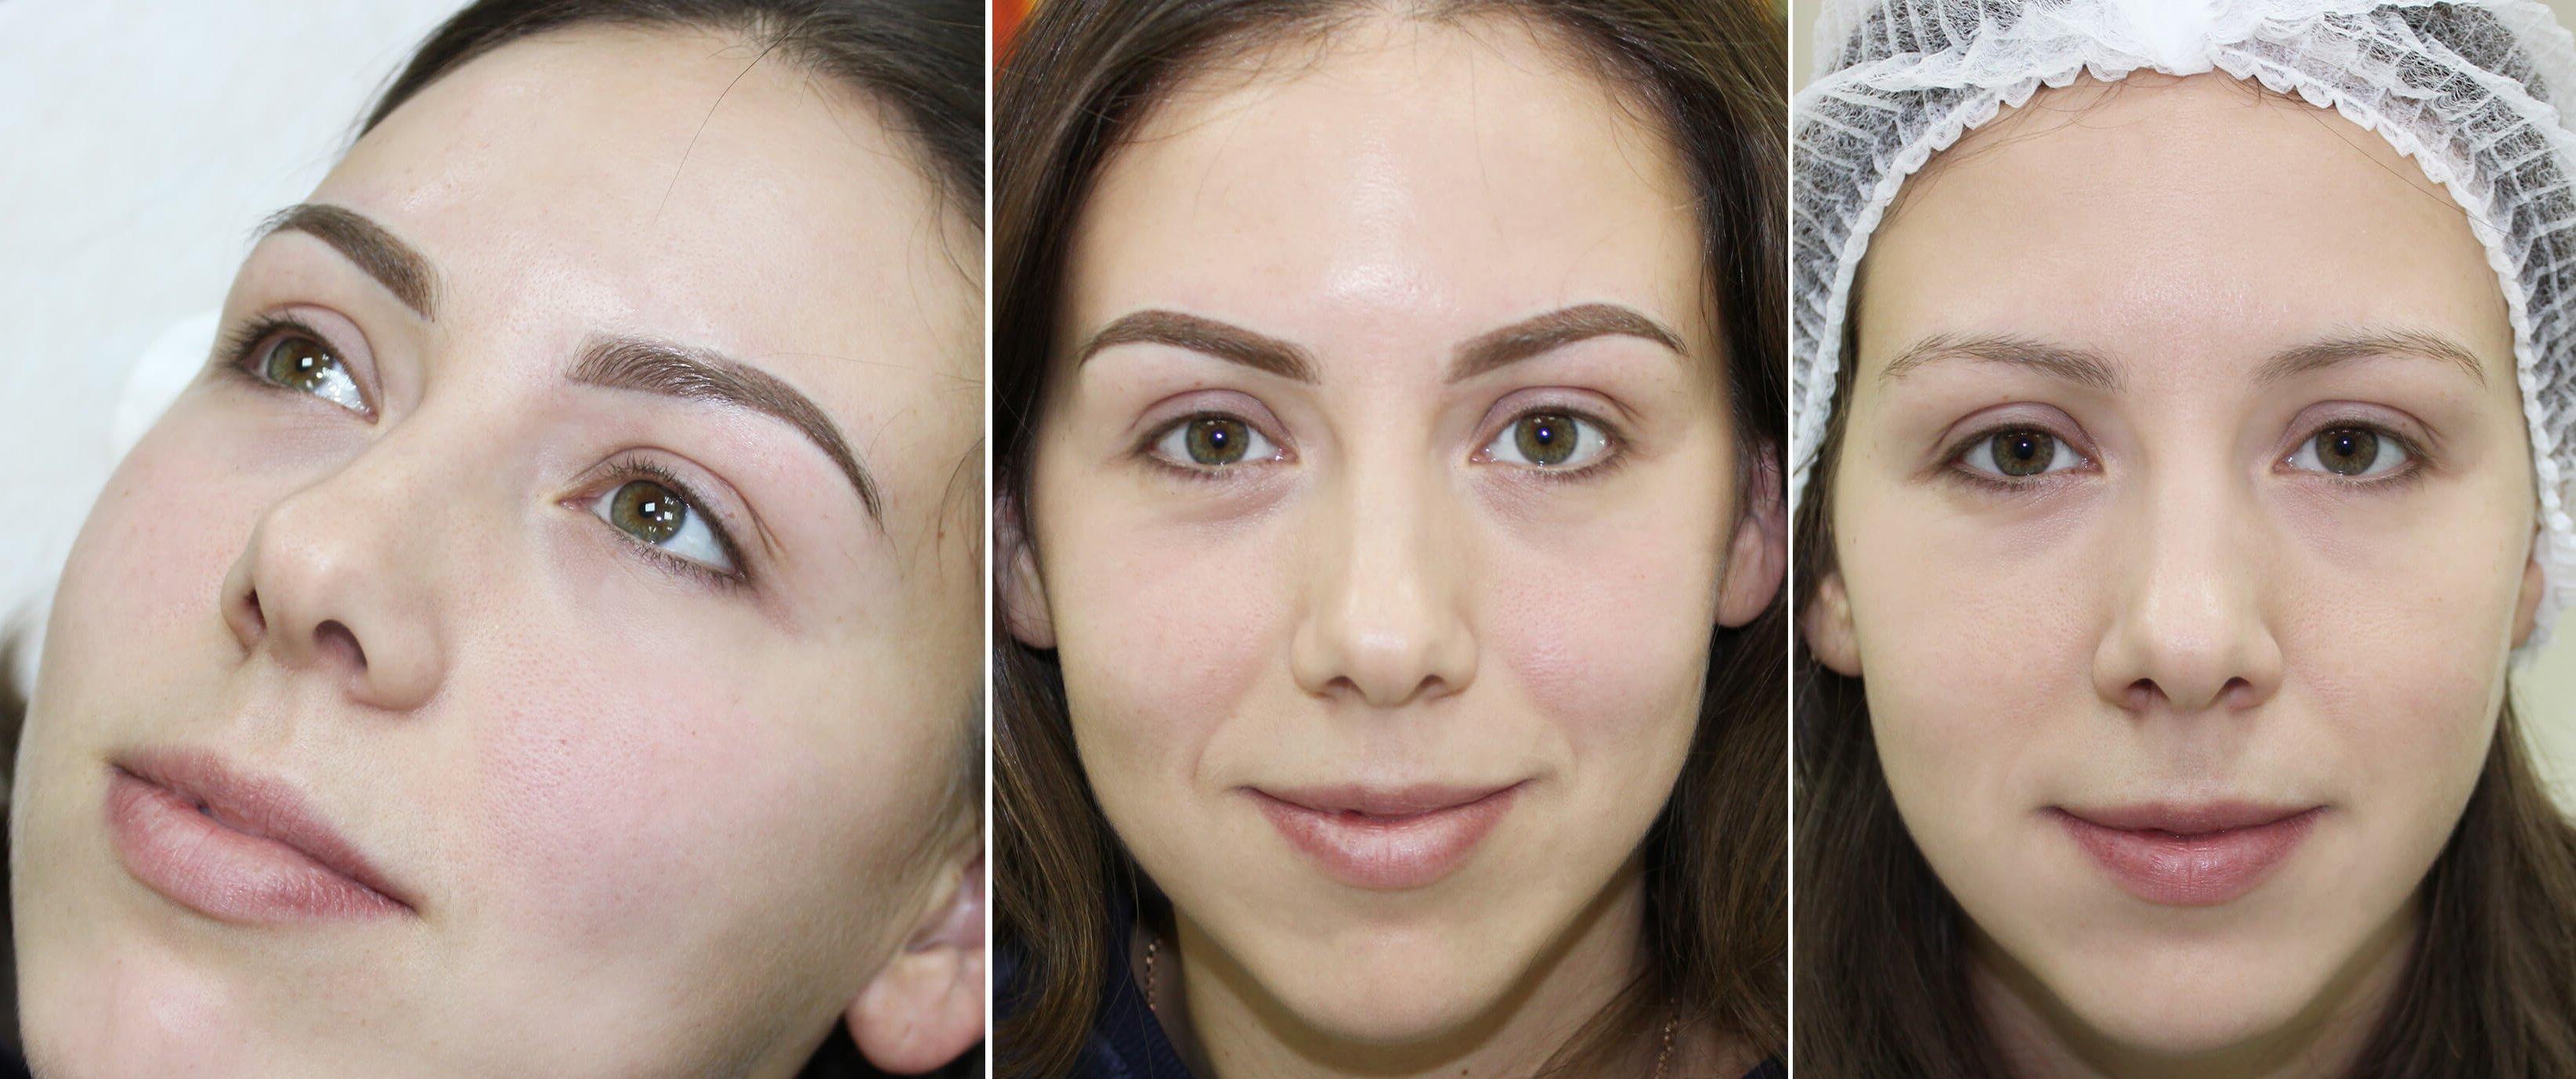 татуаж бровей фото до и после отзывы